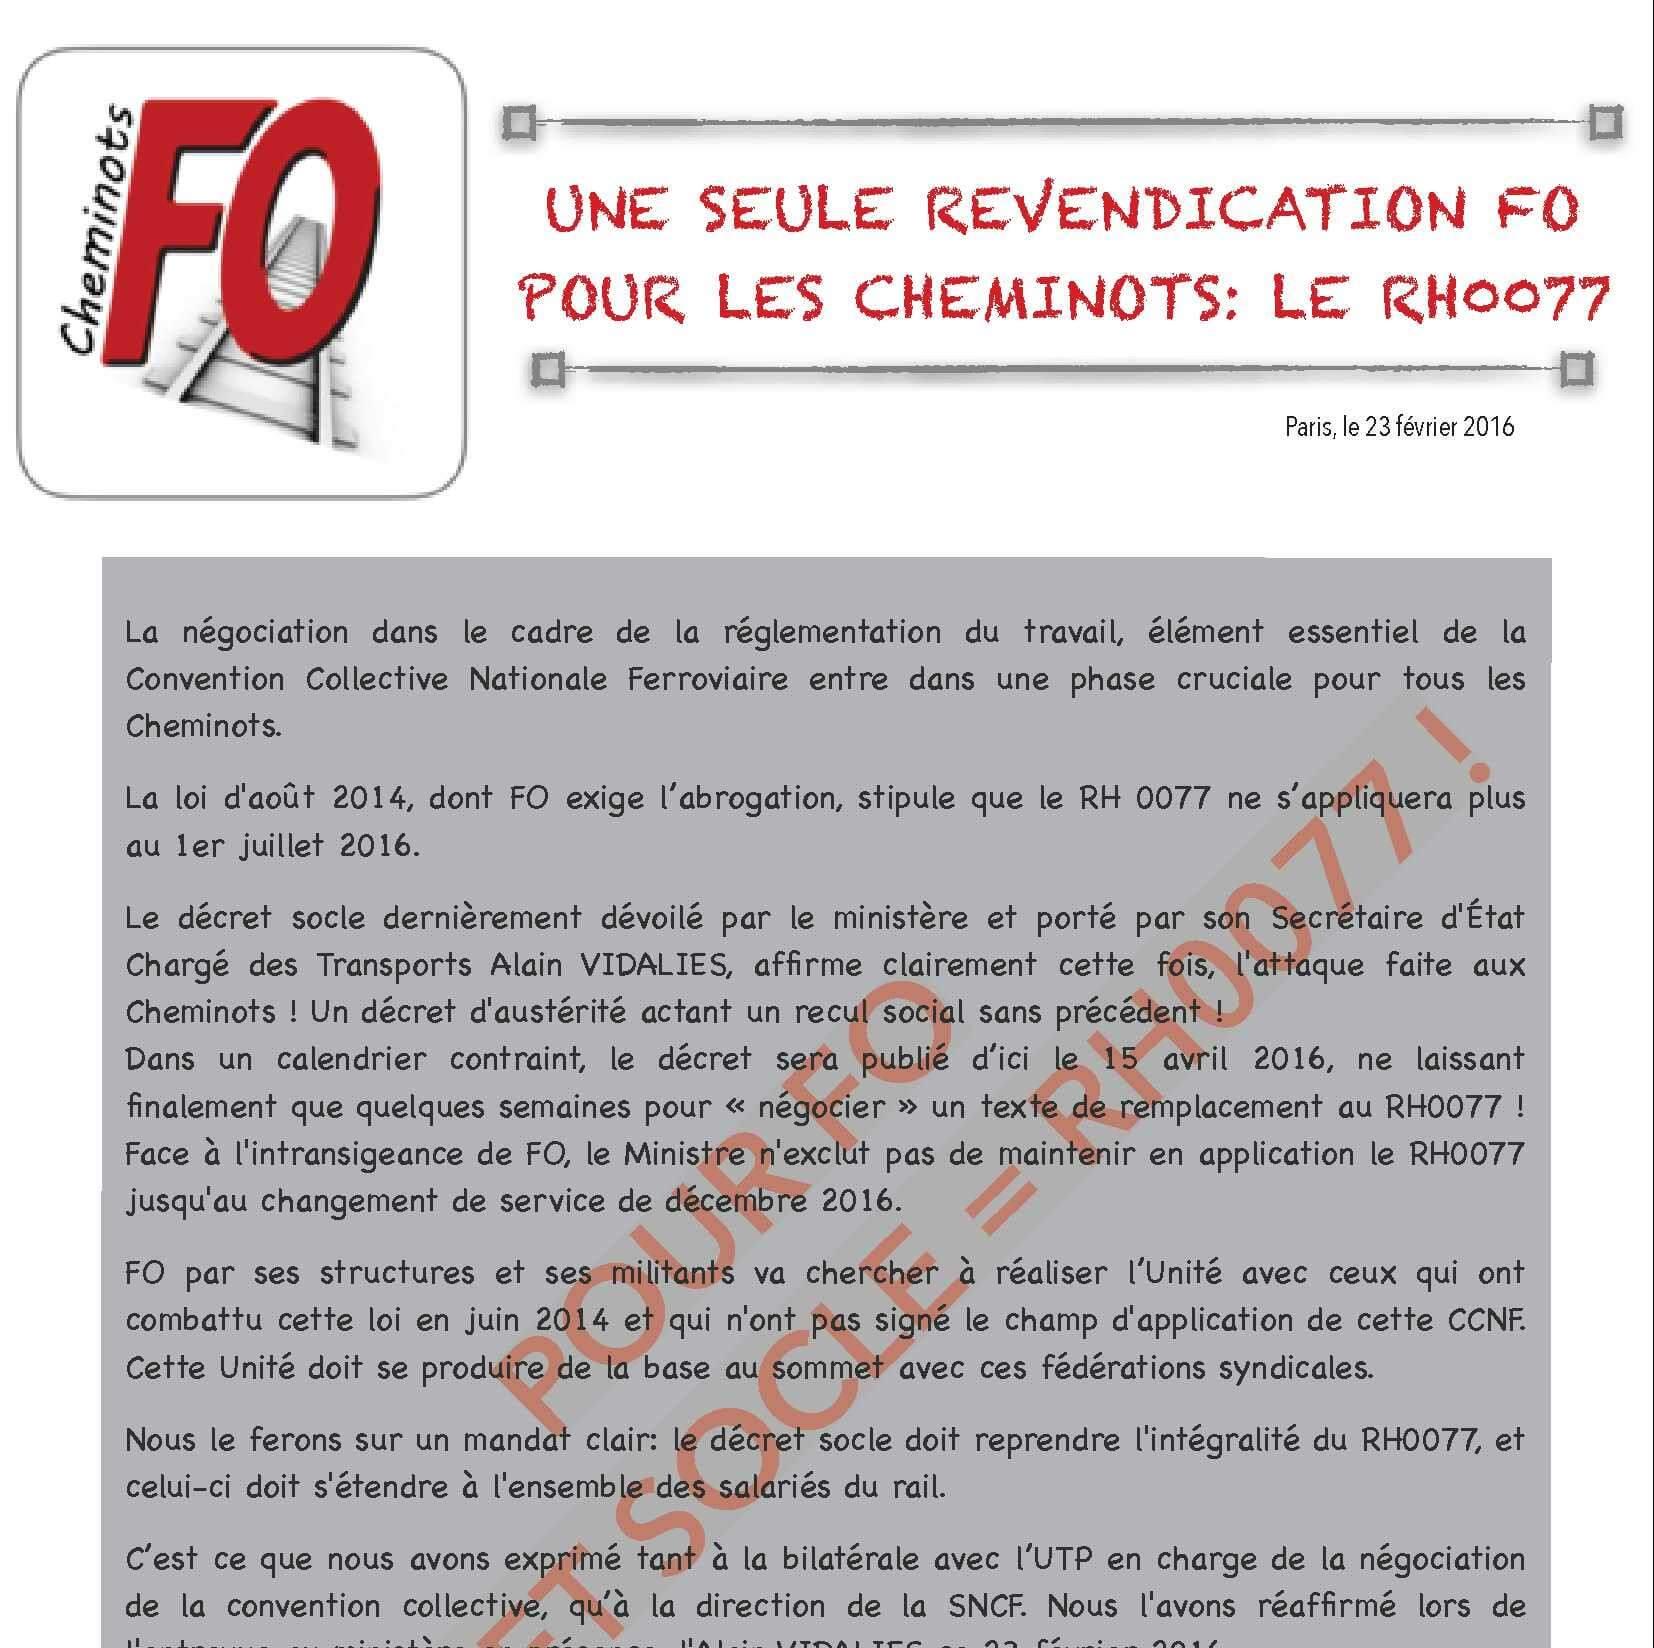 FO reçu au ministère sur le décret socle. Pour FO décret socle = RH0077